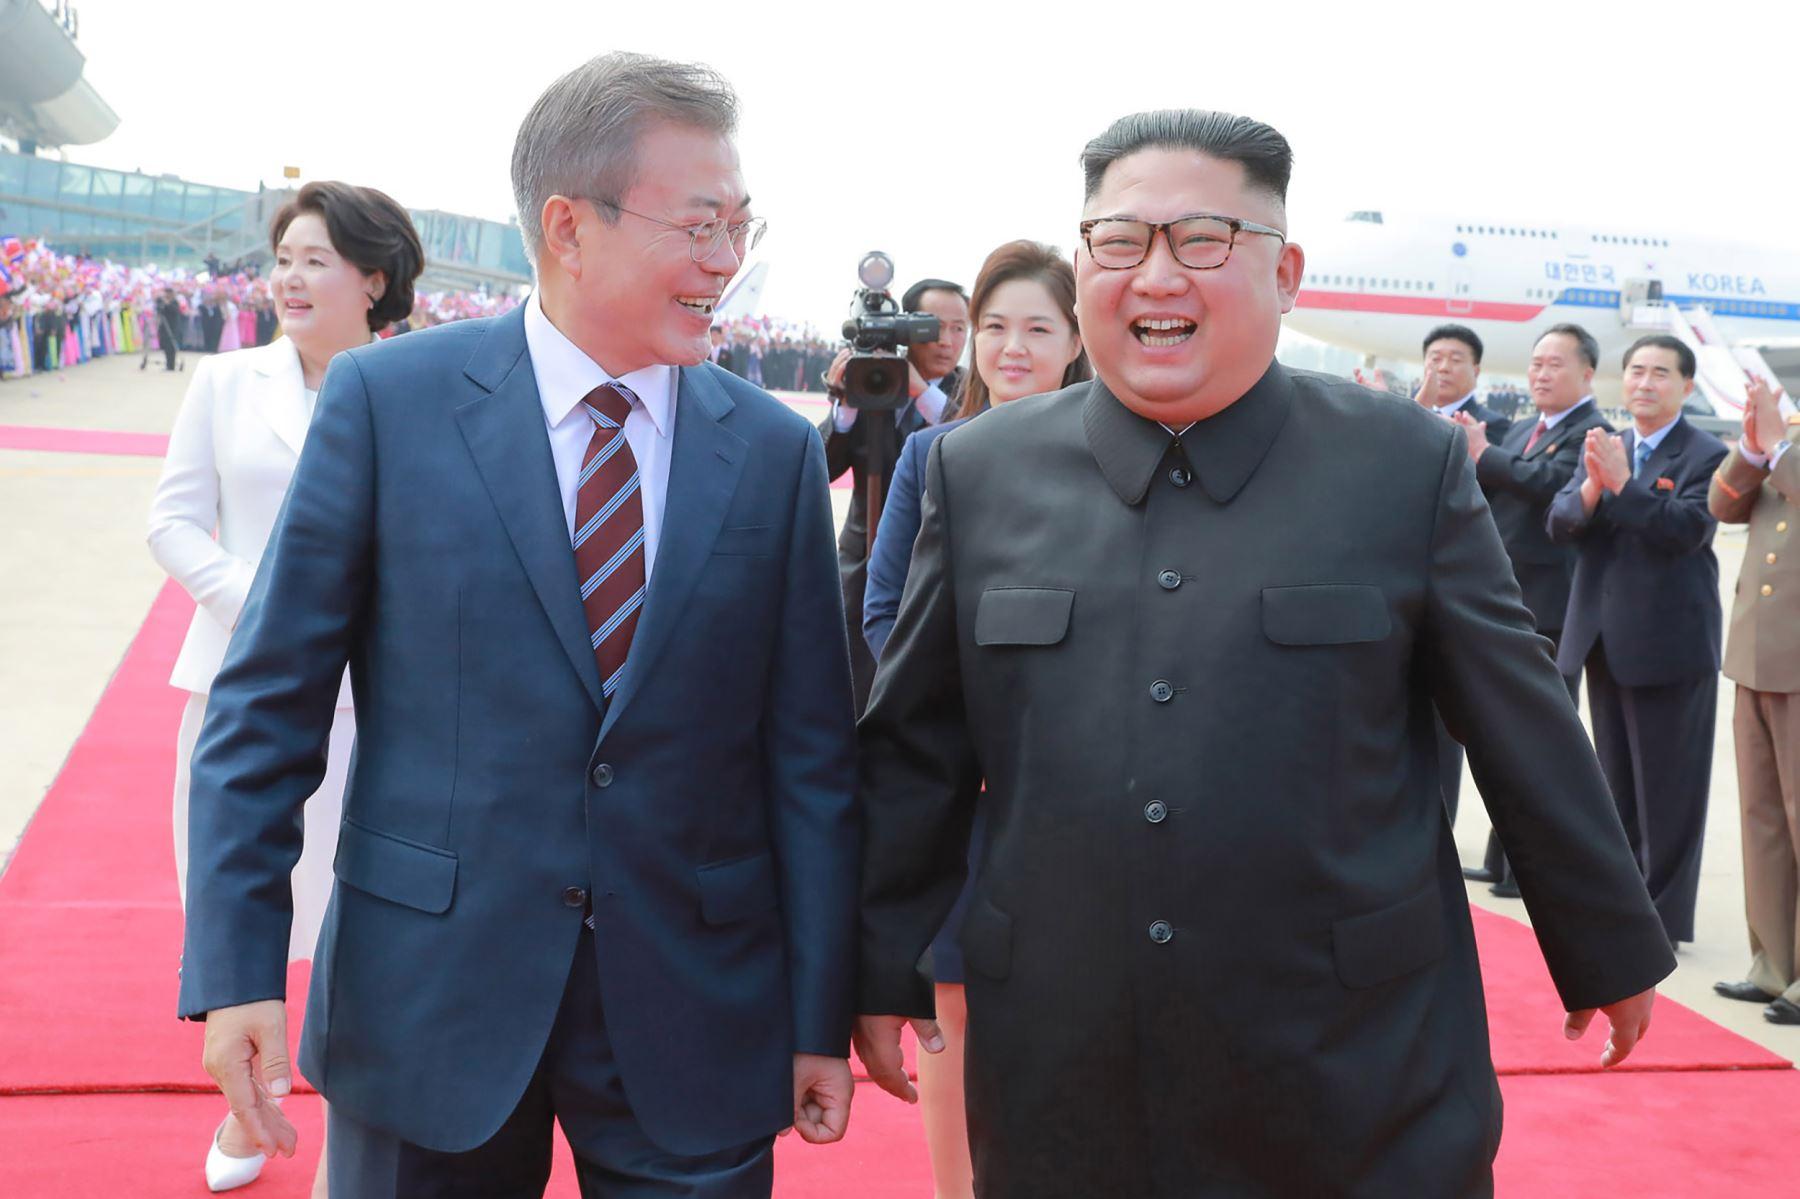 El líder norcoreano Kim Jong Un recibiendo al presidente surcoreano Moon Jae-in en Pyongyang Foto: AFP